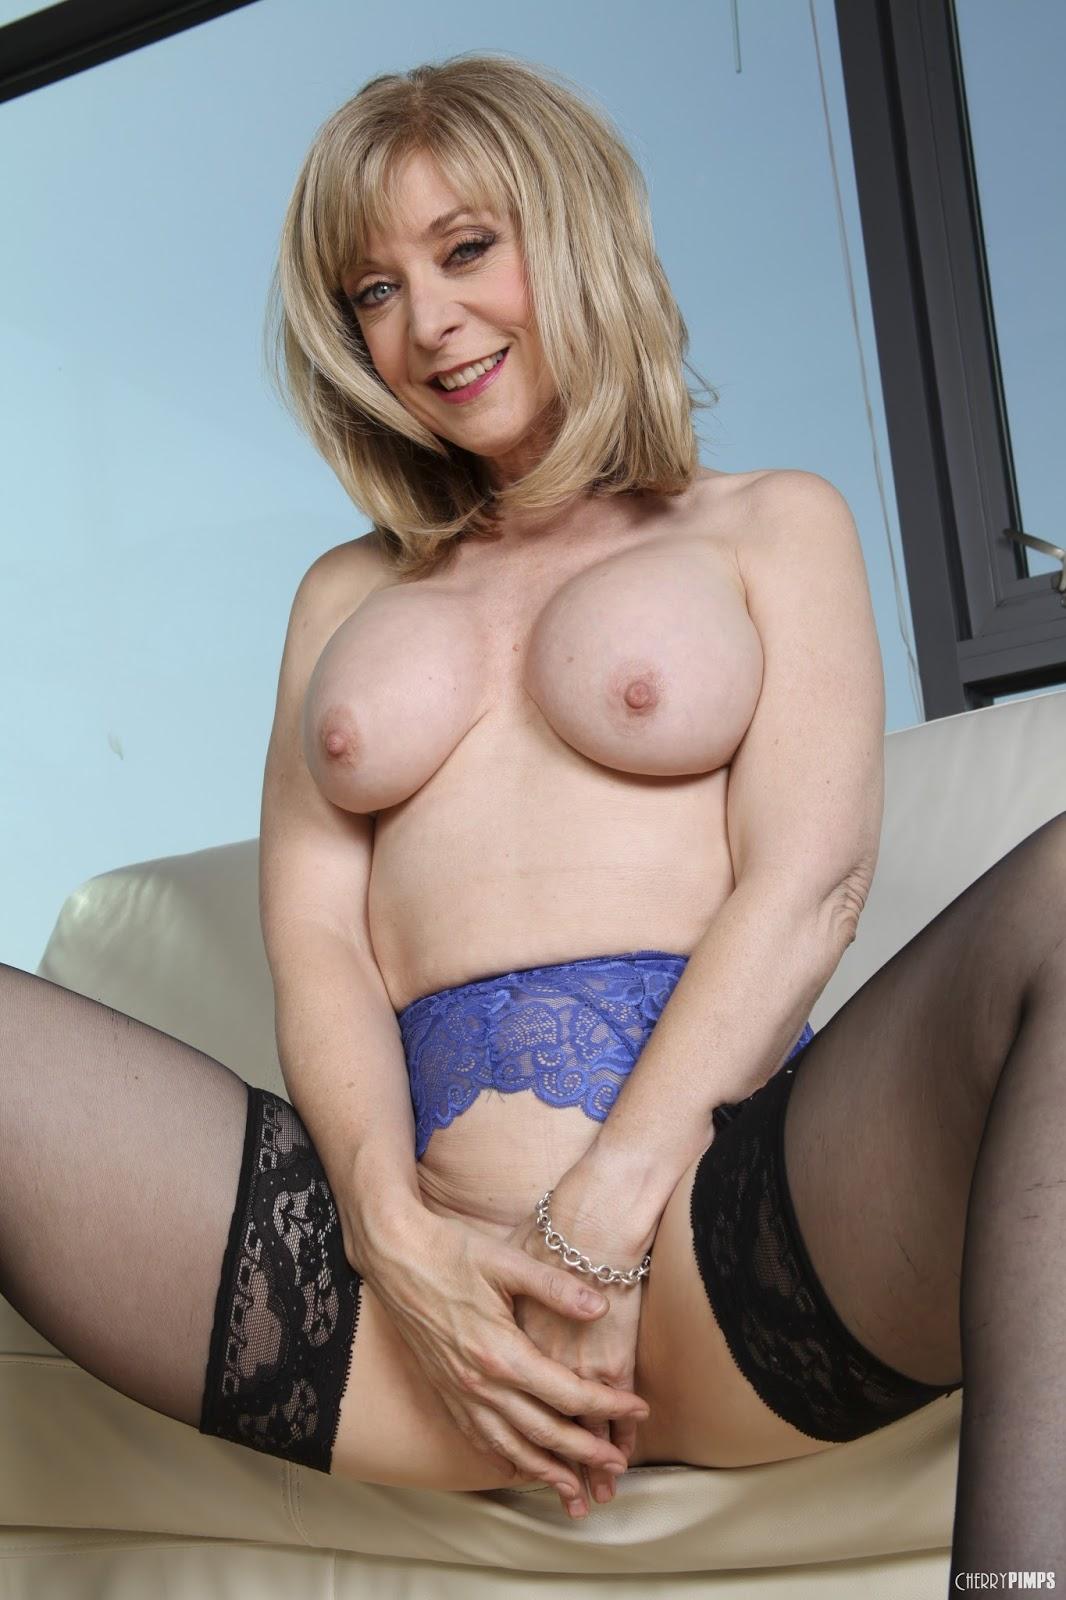 Nina hartley nude pics